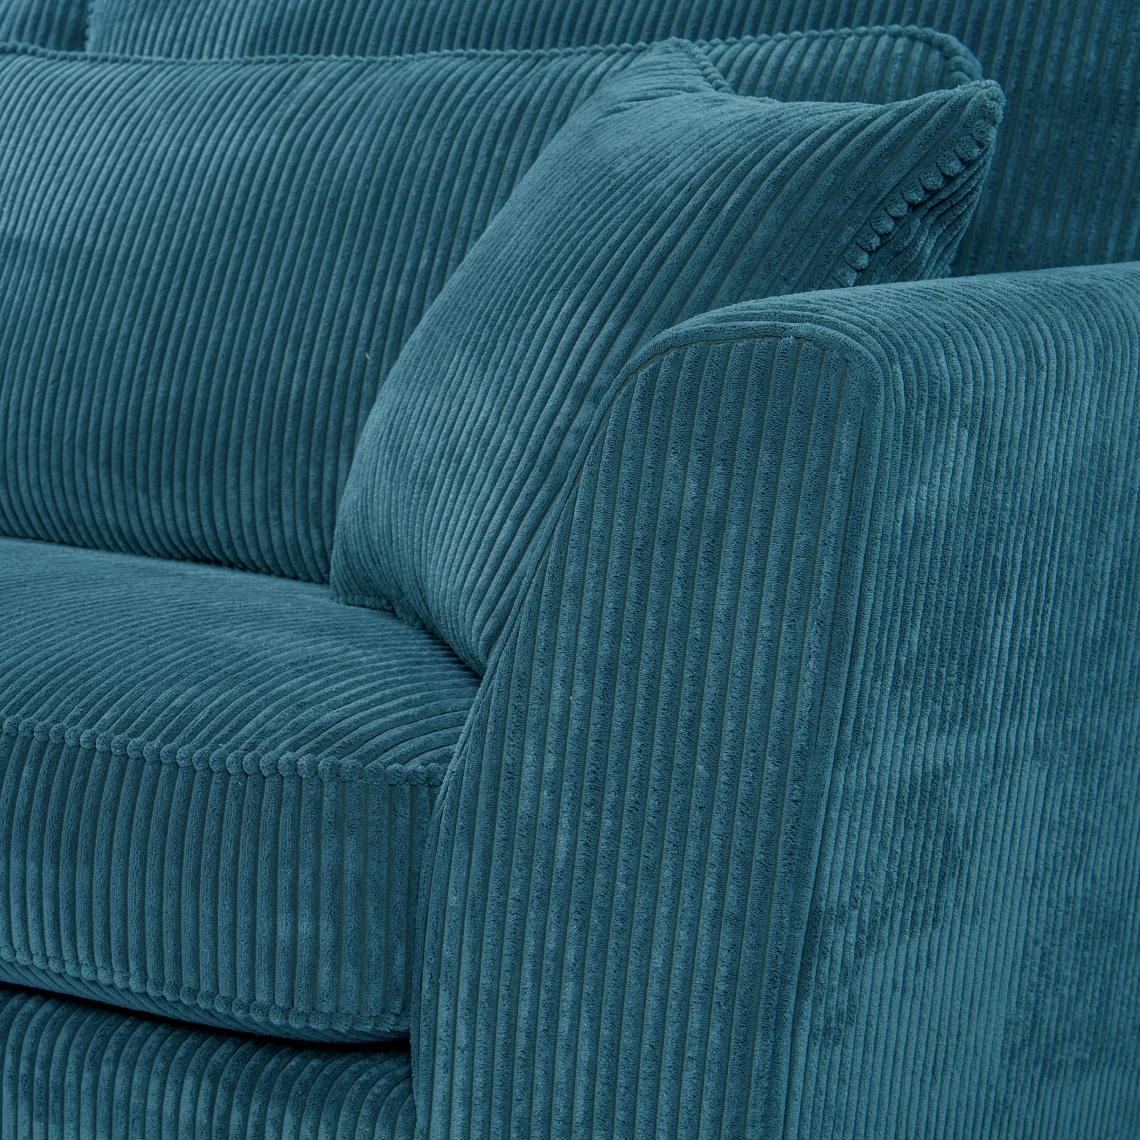 Canapé En Velours Cotelé canapé d'angle 5 places en velours côtelé bleu isla plus de détails